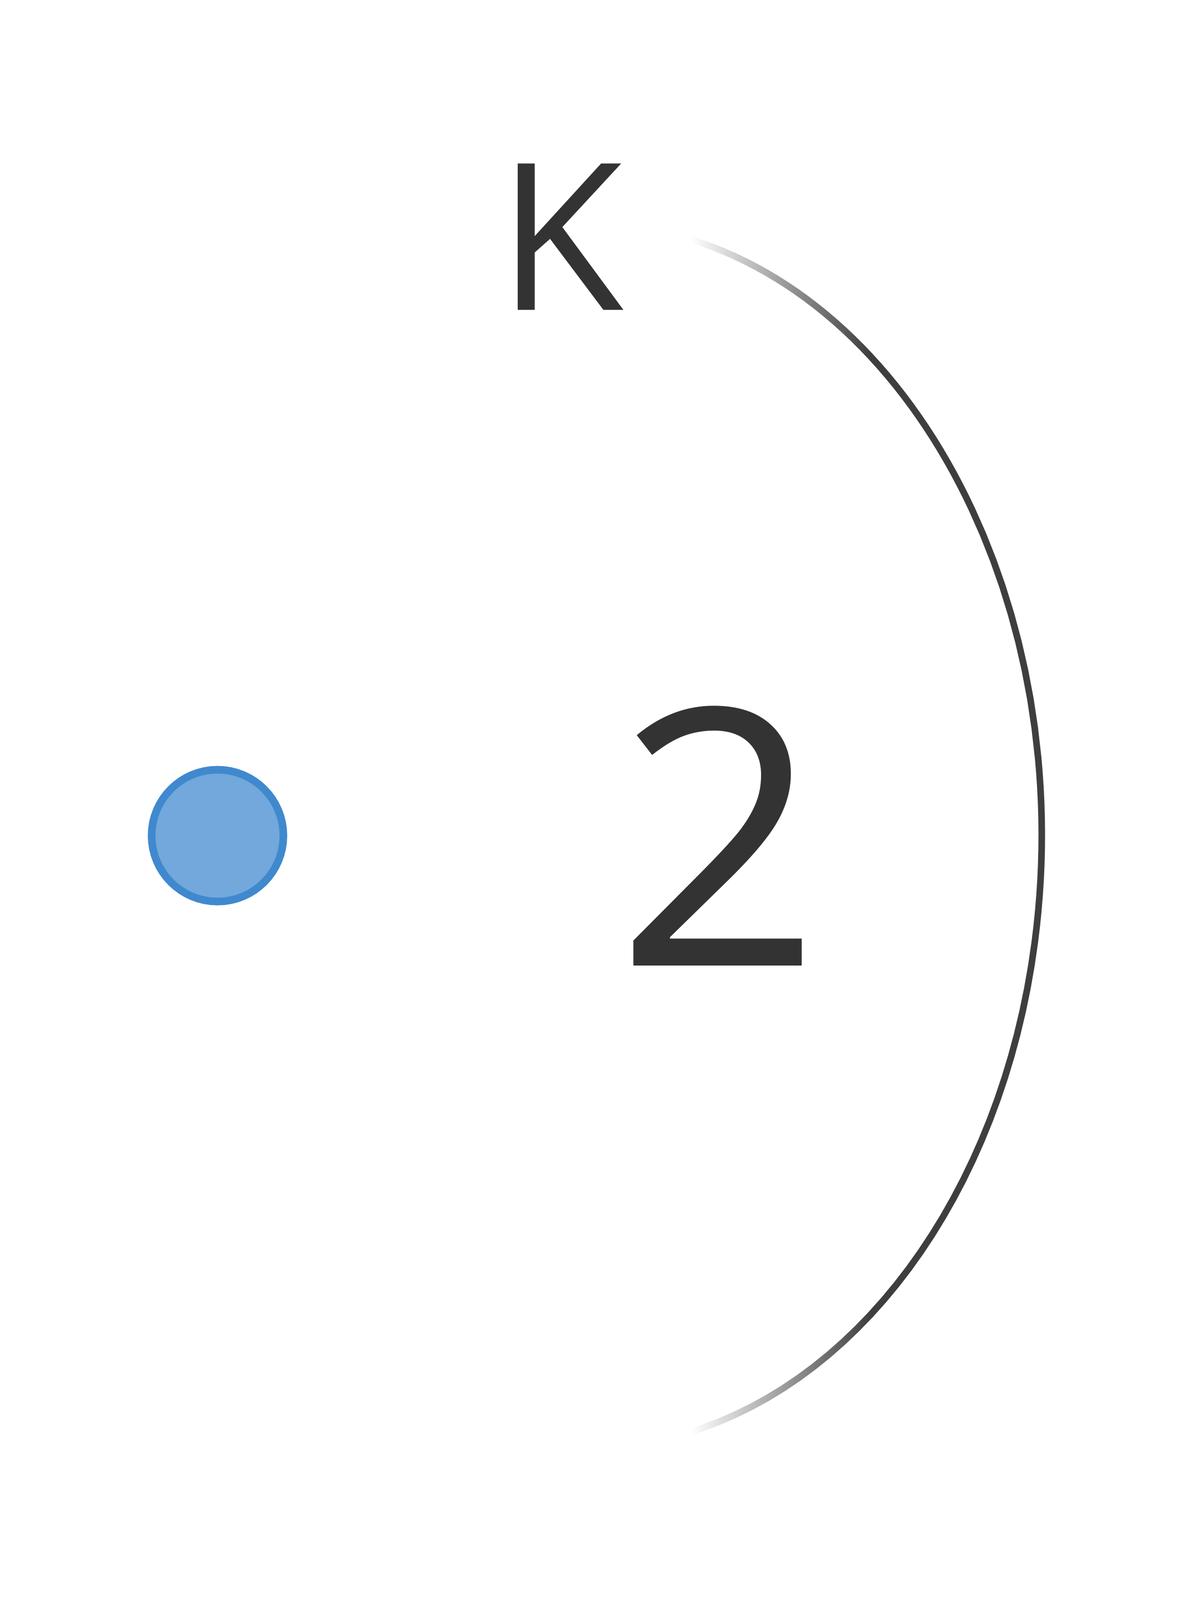 Ilustracja przedstawiająca schemat rozmieszczenia elektronów watomie helu. Po lewej stronie narysowane jest jądro wpostaci niebieskiego małego koła. Po prawej za pomocą linii stanowiącej wycinek większego okręgu zaznaczona jest powłoka elektronowa oznaczona literą K. Pod literą Kznajduje się liczba 2 oznaczająca liczbę elektronów na powłoce.